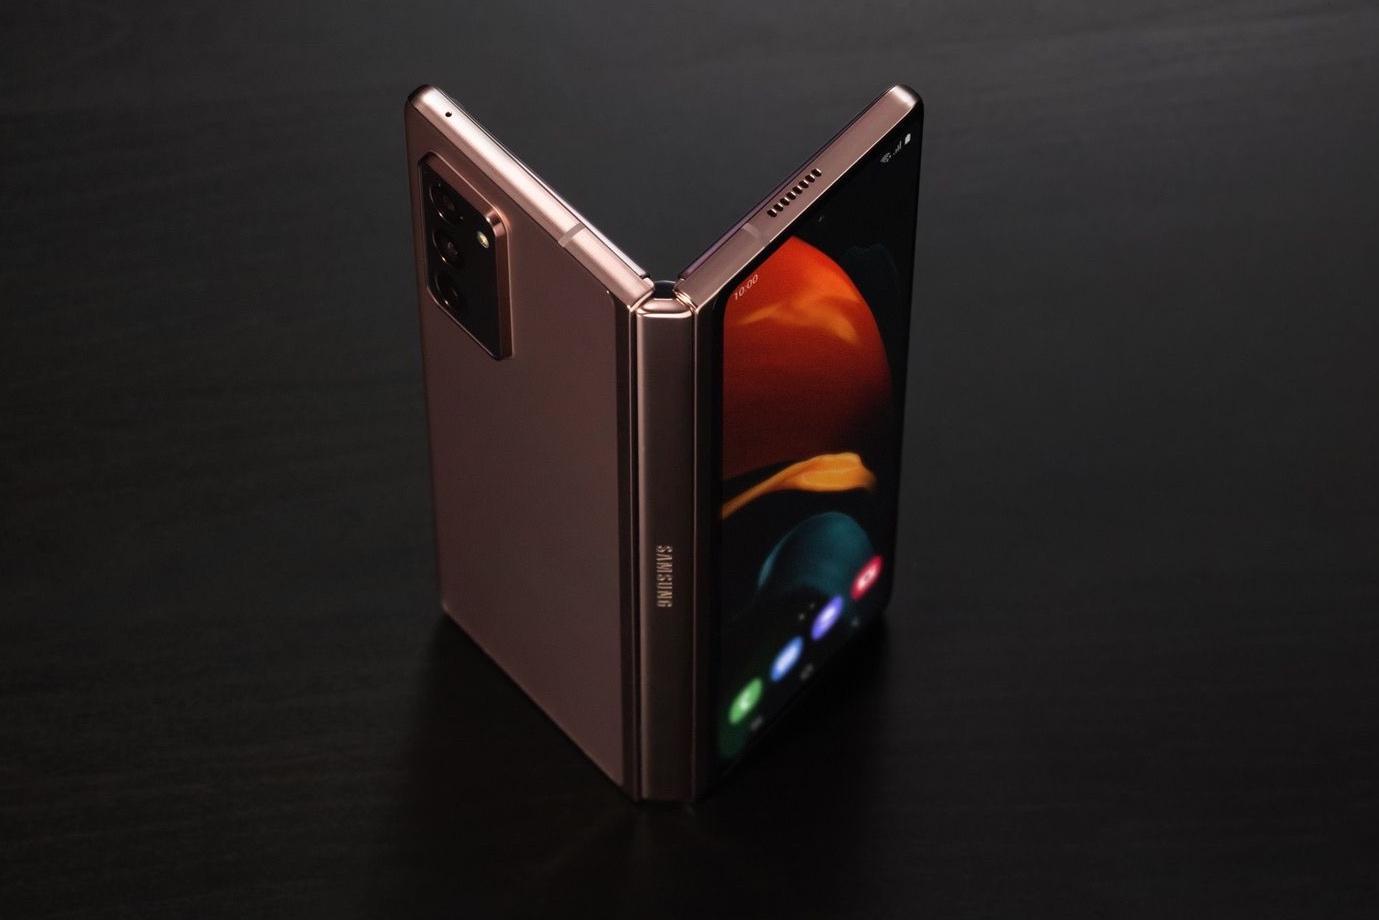 Samsung Galaxy Z Fold2 поступит в продажу 18 сентября. Характеристики, цена